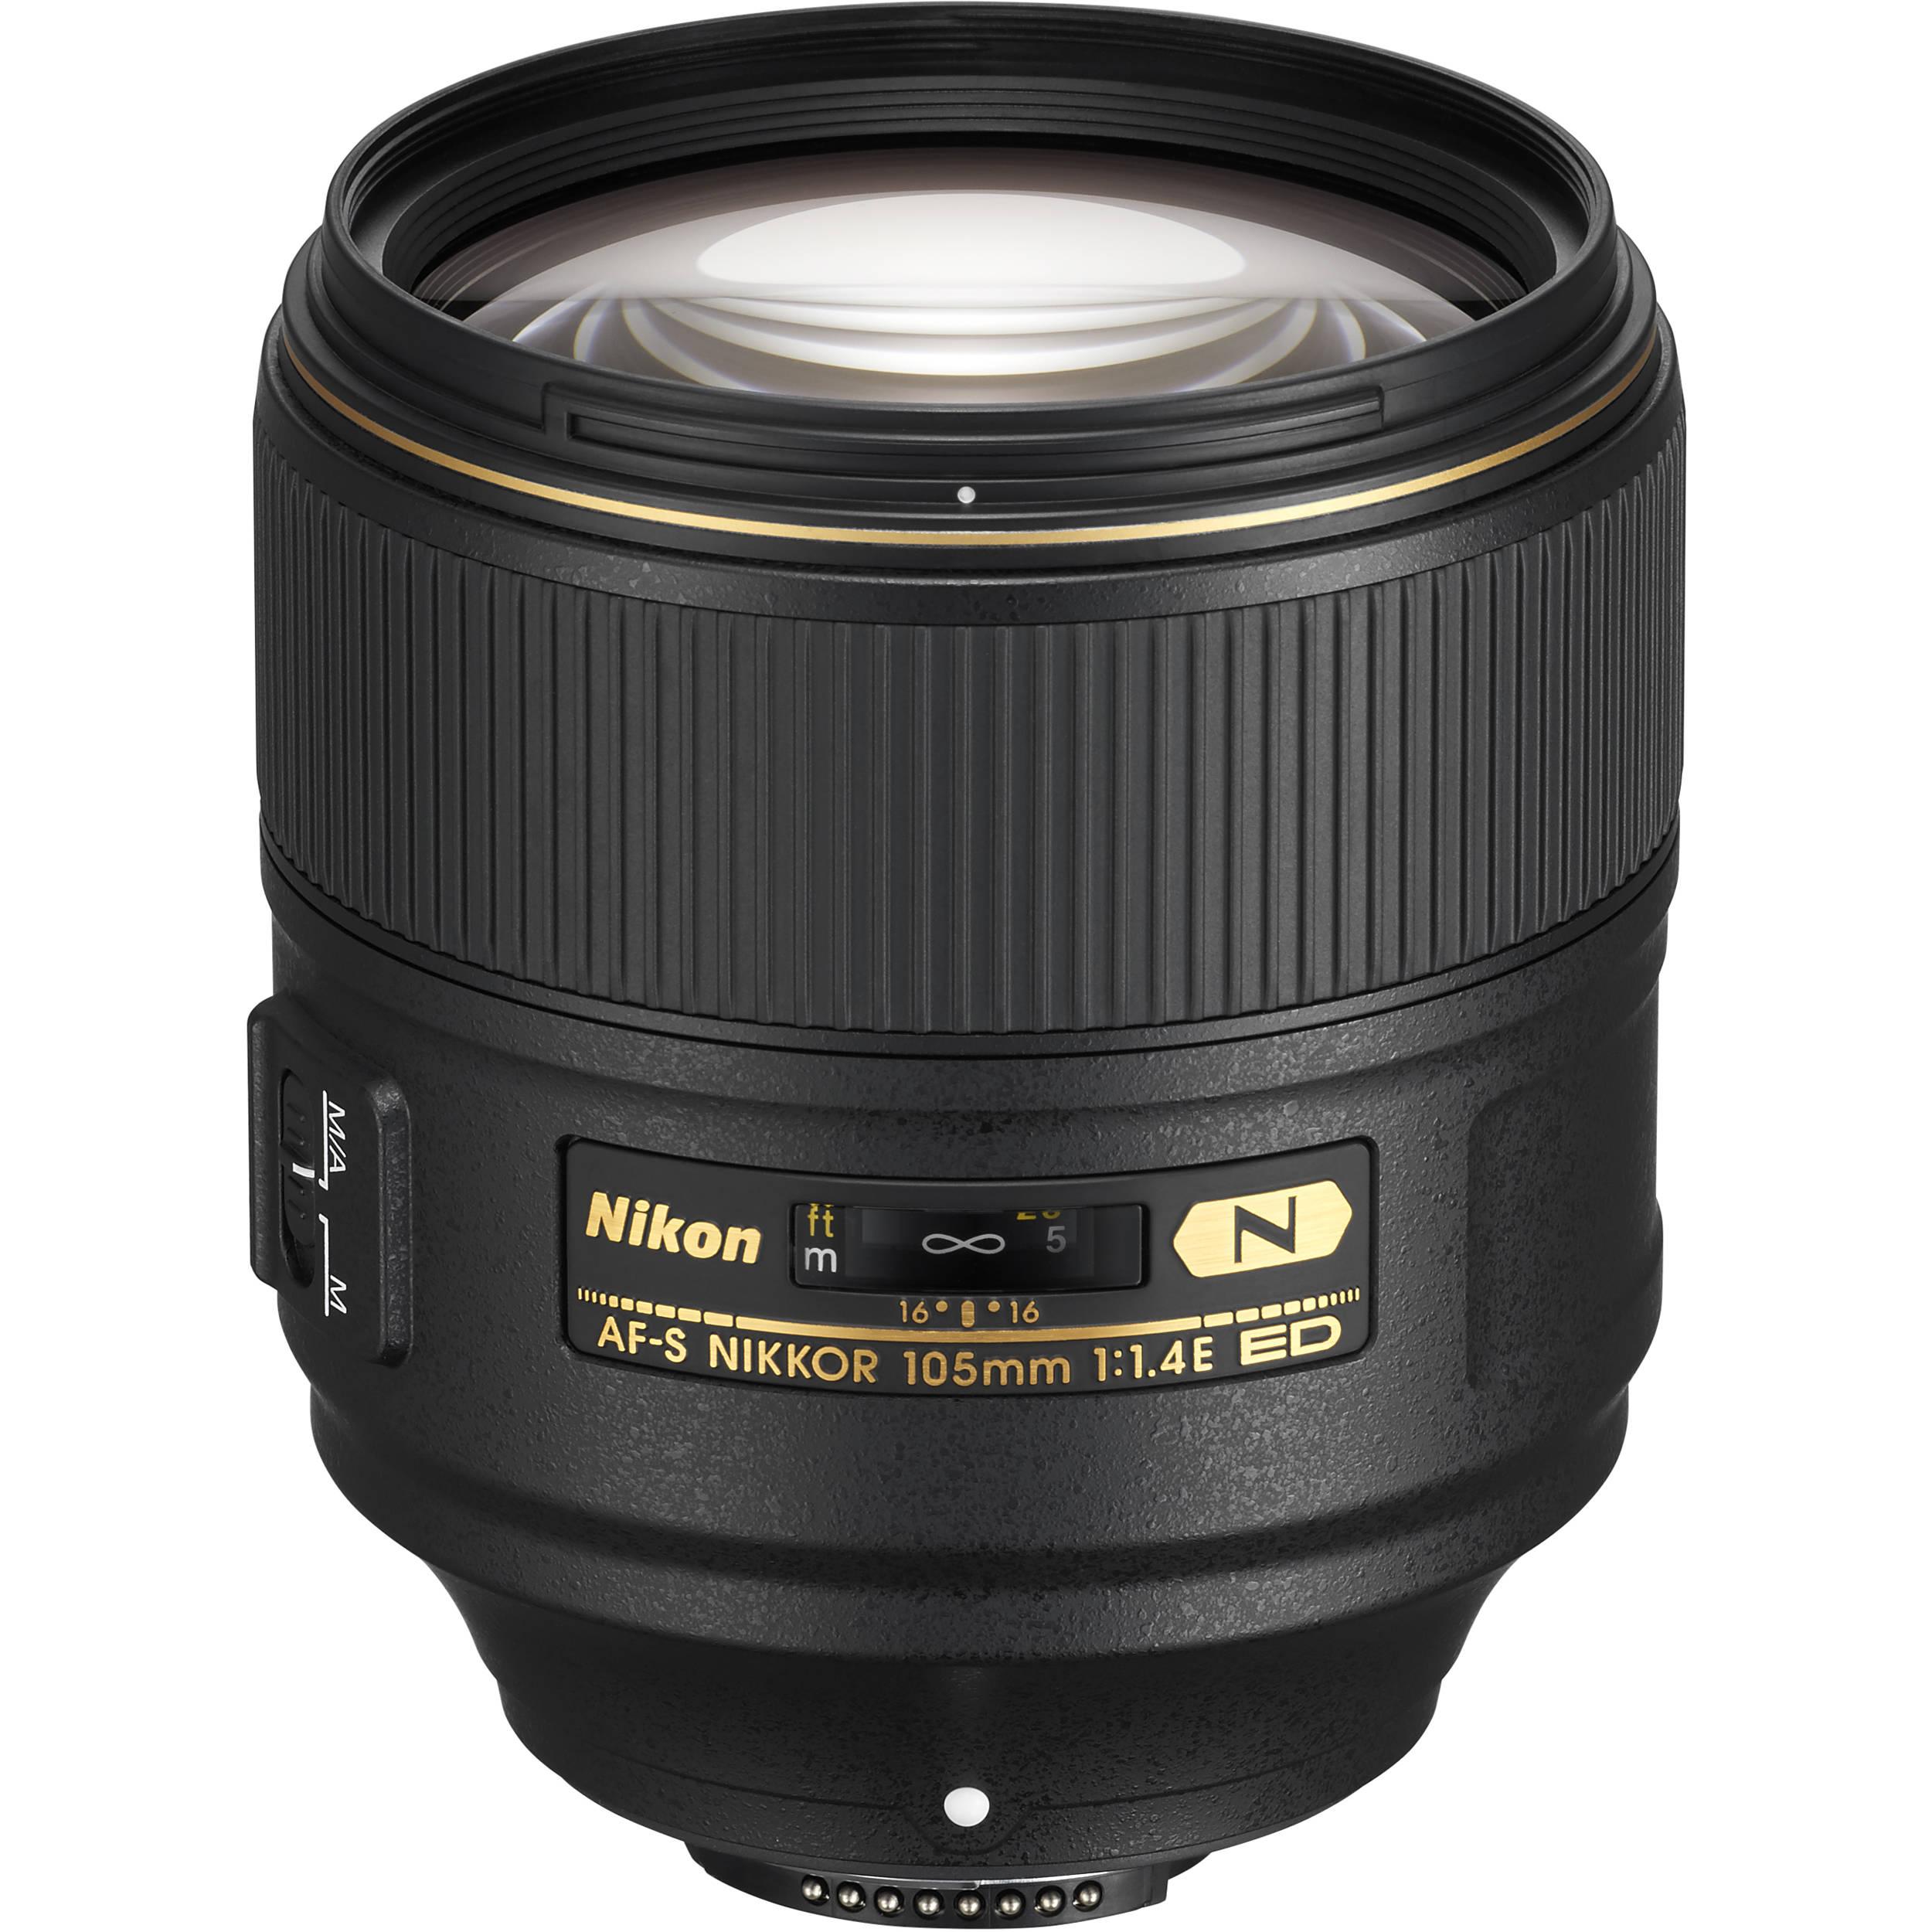 Nikon AF-S 105 mm F1.4E ED